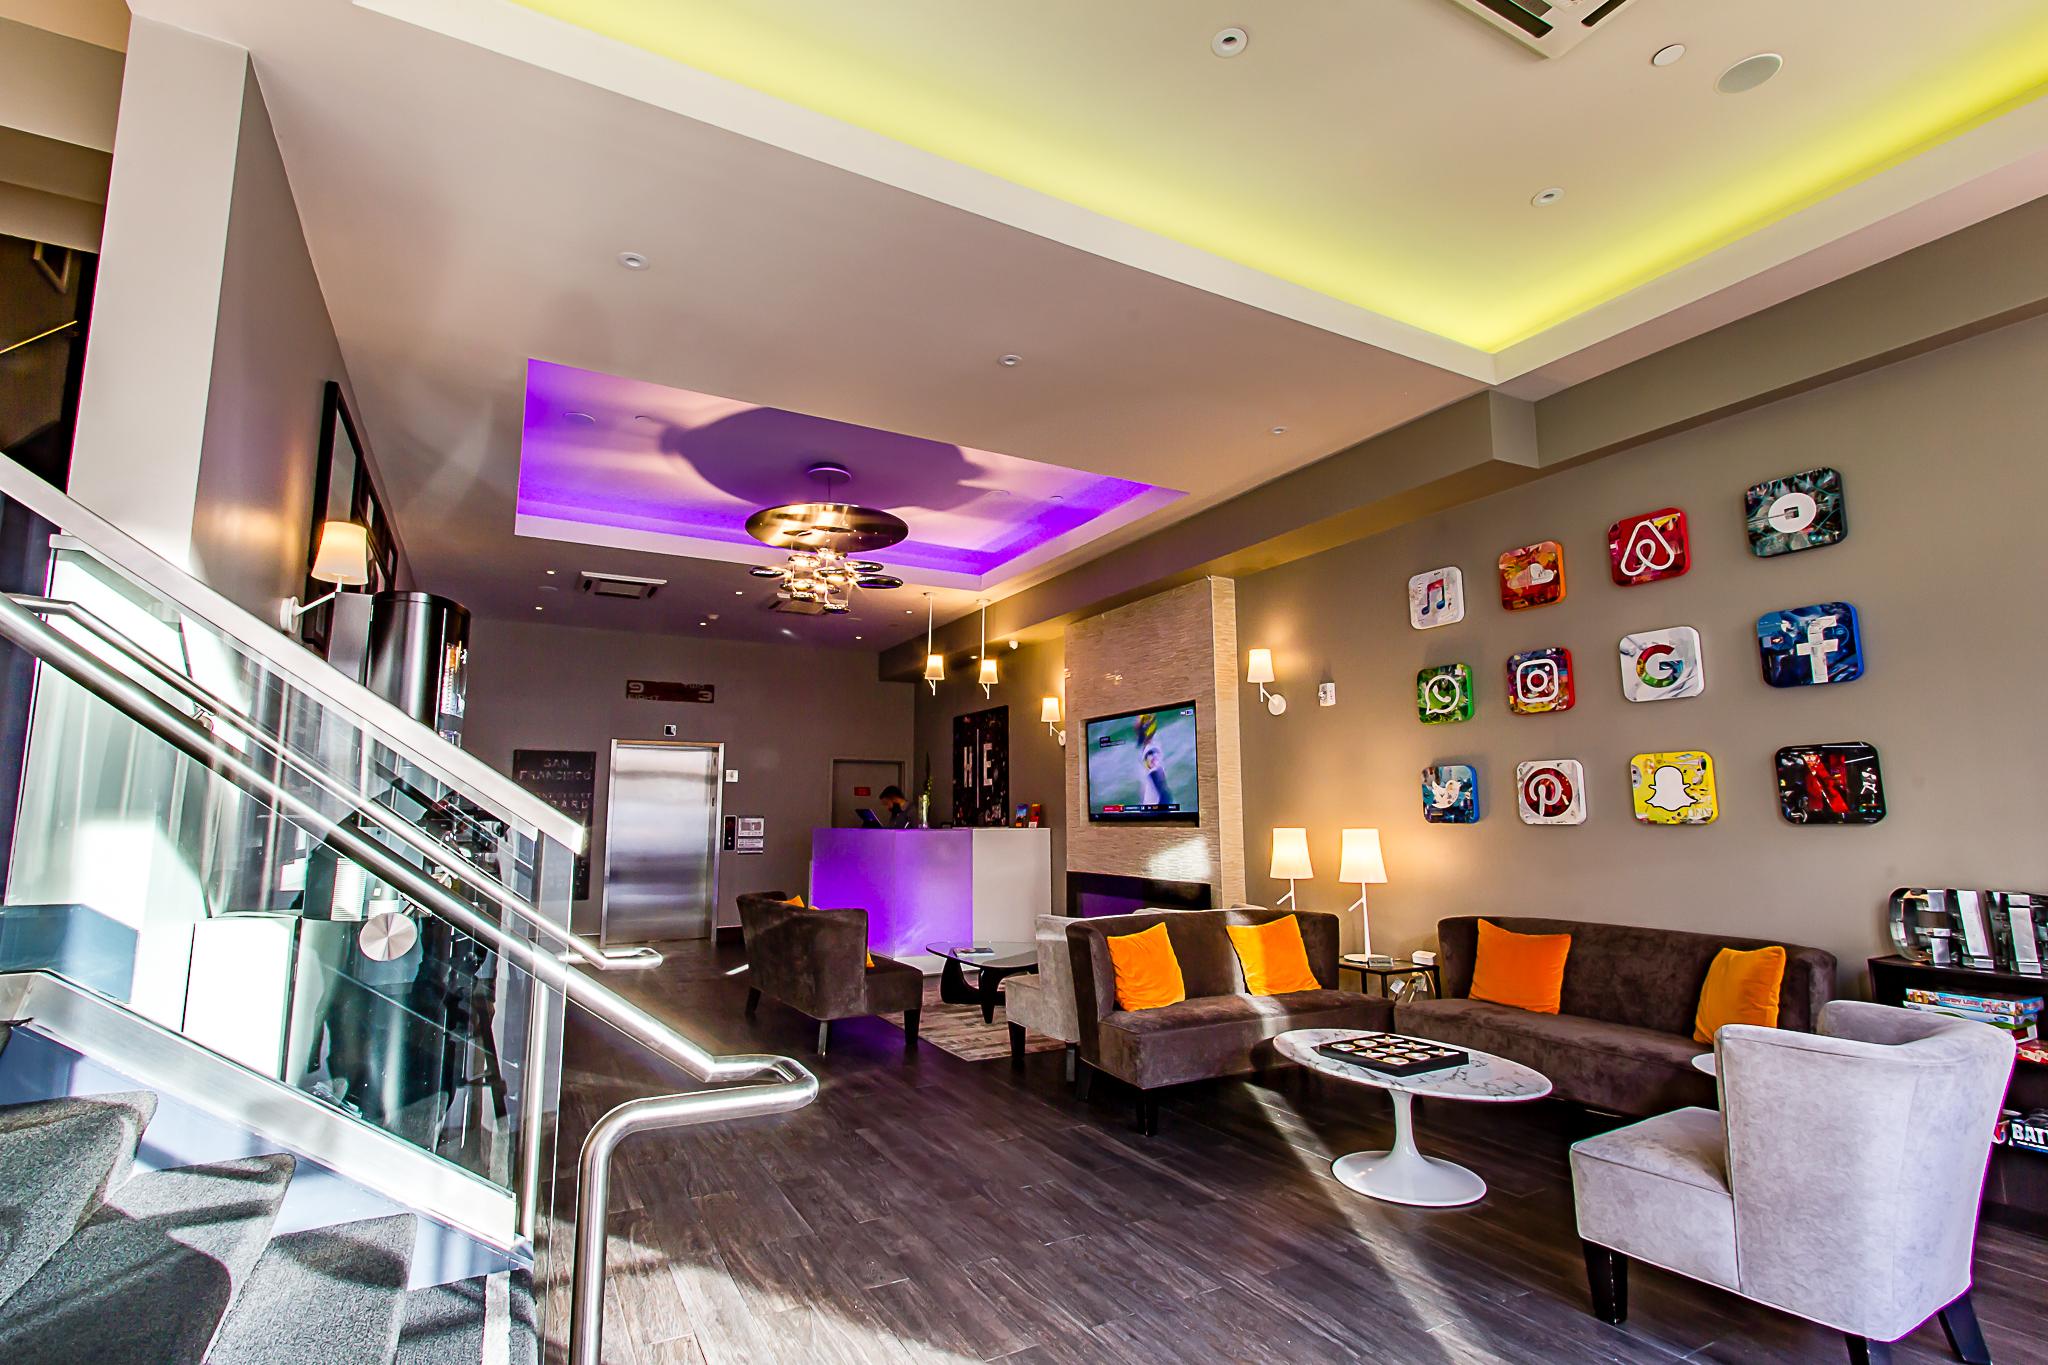 Dscheme_Hotel_Epik_023-HDR.jpg